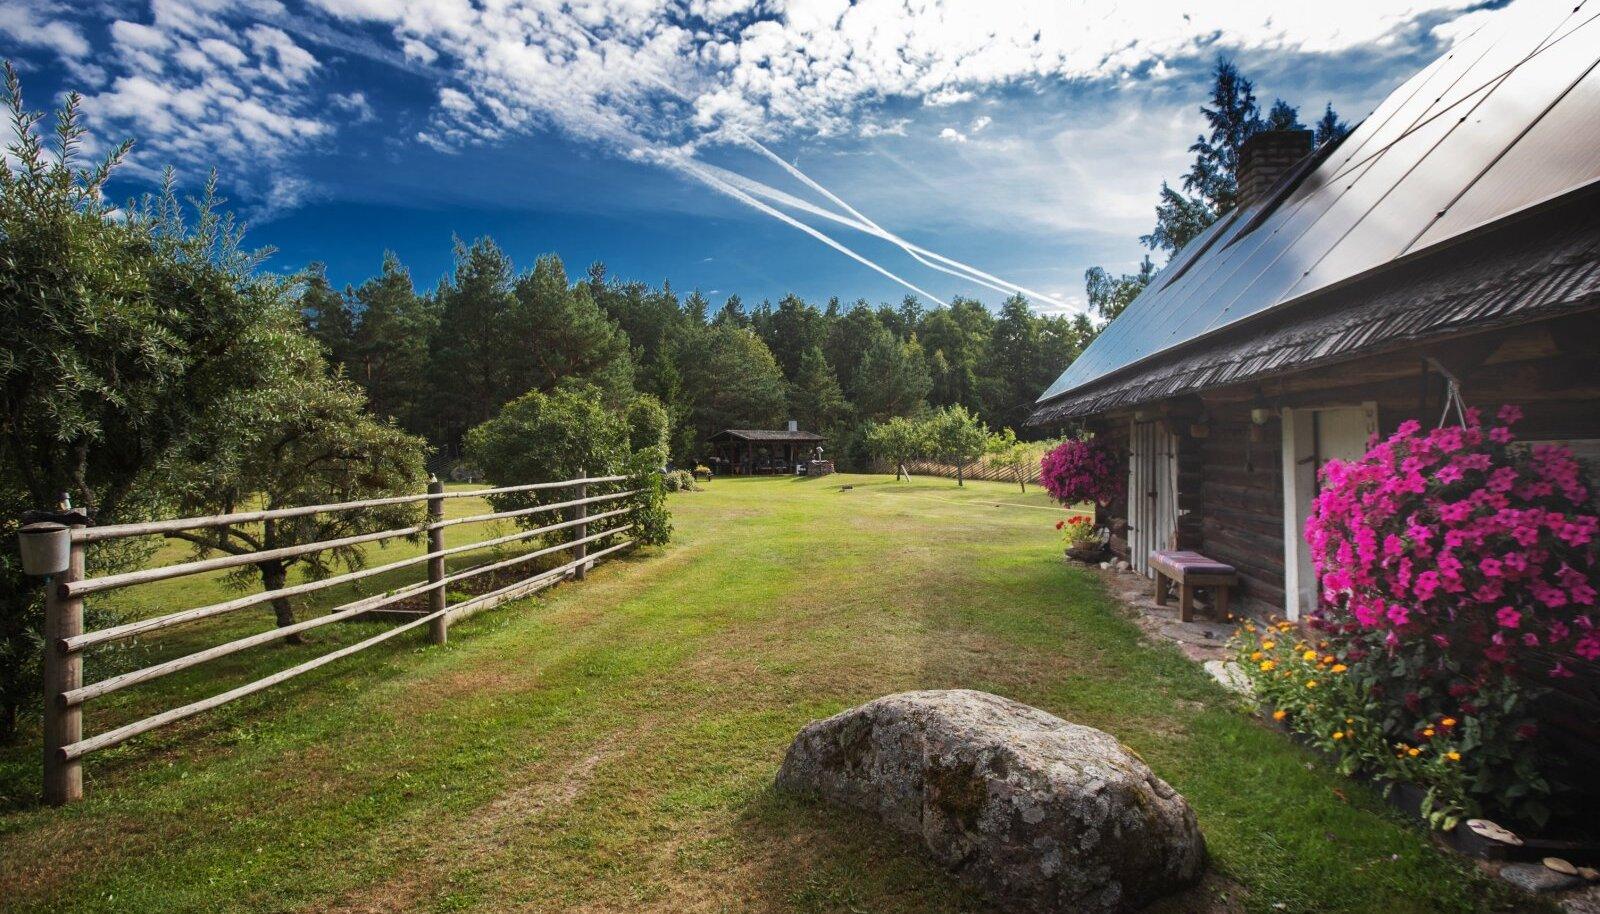 Aidakatuse üht külge katavad päikesepaneelid, mis toodavad suvel kogu talus vajamineva elektri ja jääb veel ülegi.